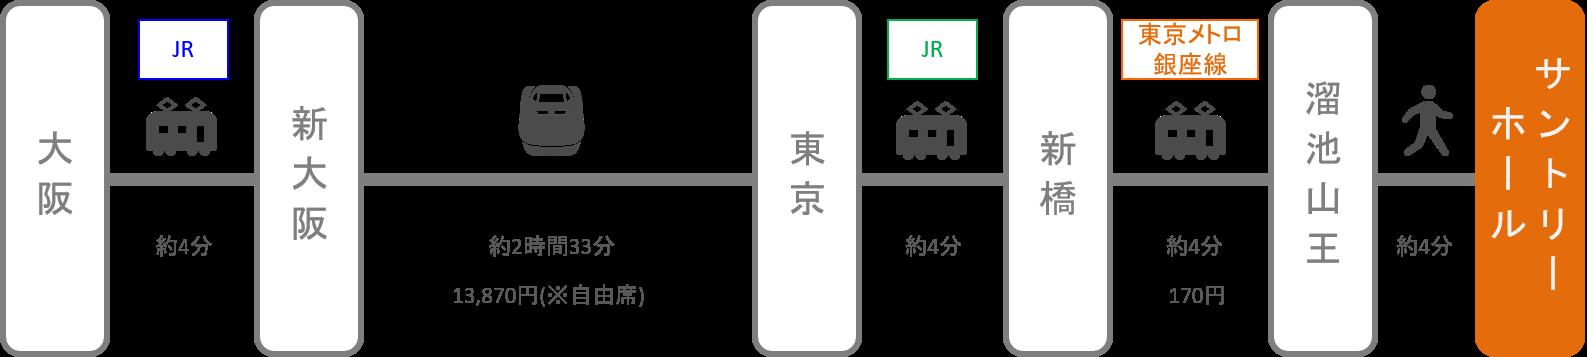 サントリーホール_大阪_新幹線